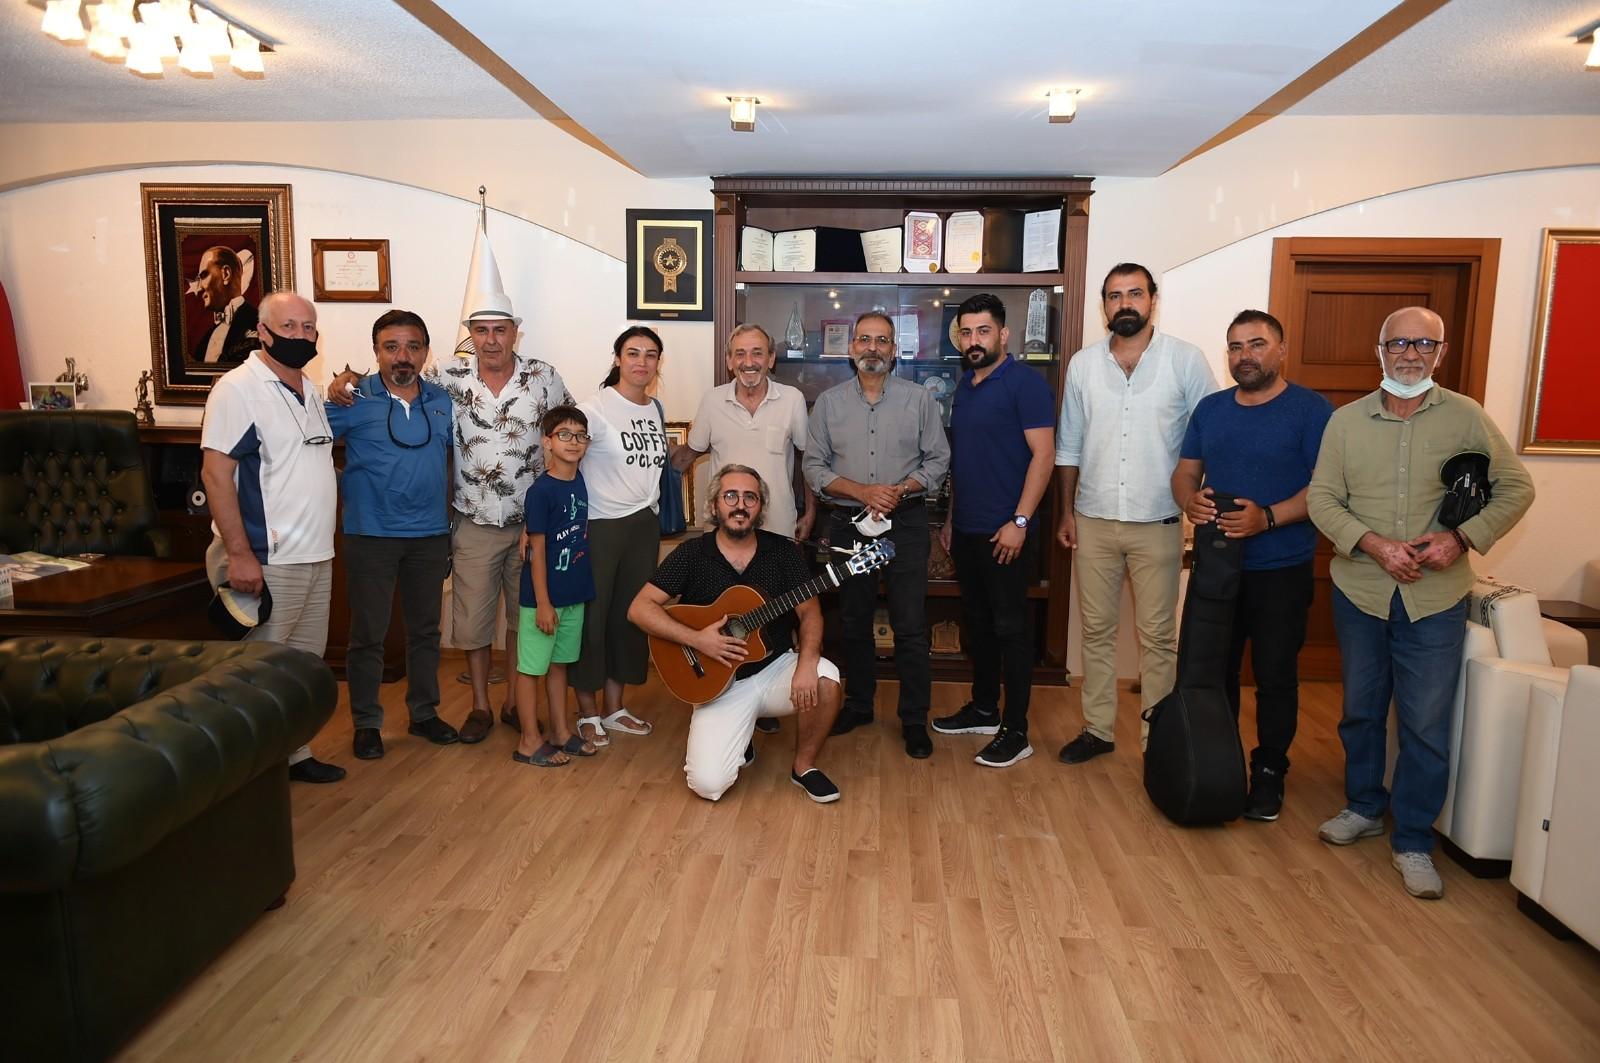 tarsus belediyesi muzisyenlere her turlu destegi